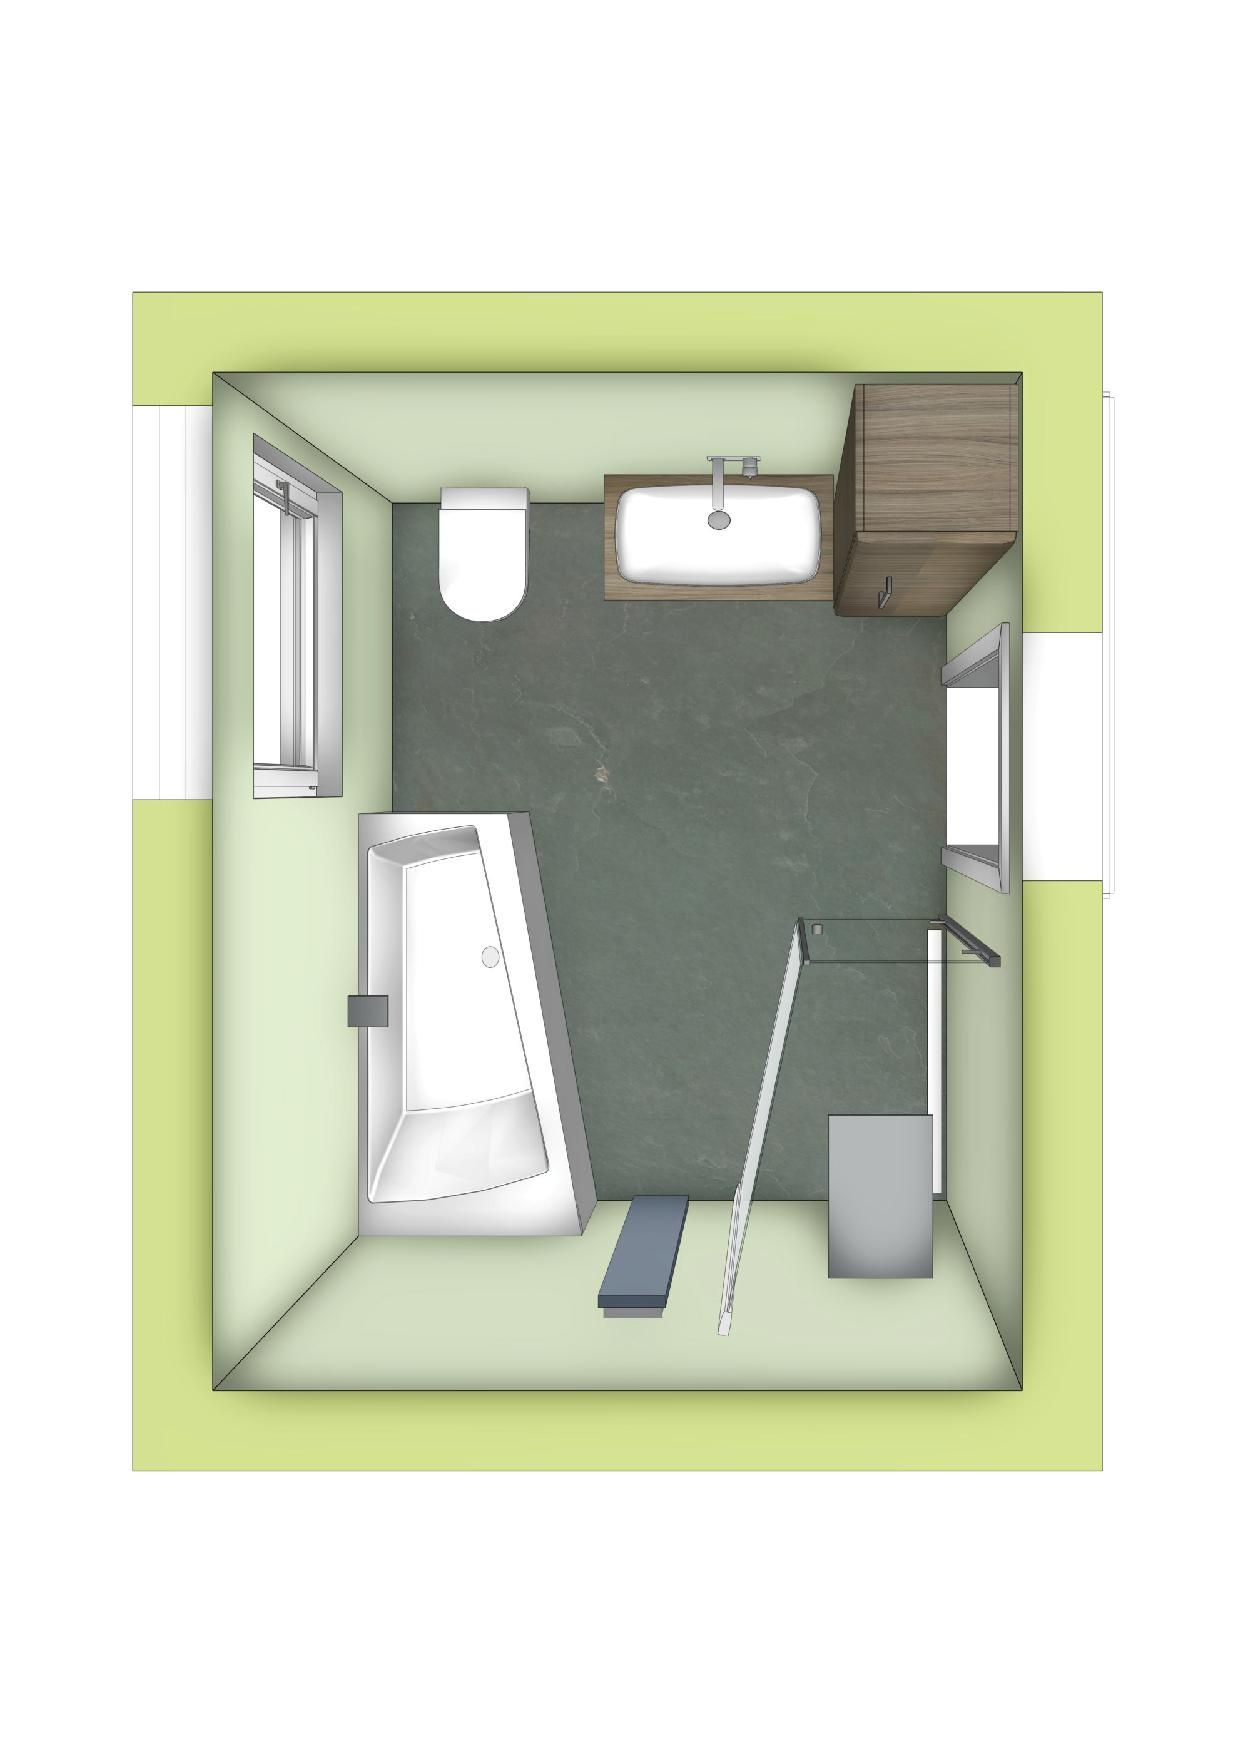 Badezimmer mit Raumsparbadewanne und begehbarer Dusche in ...